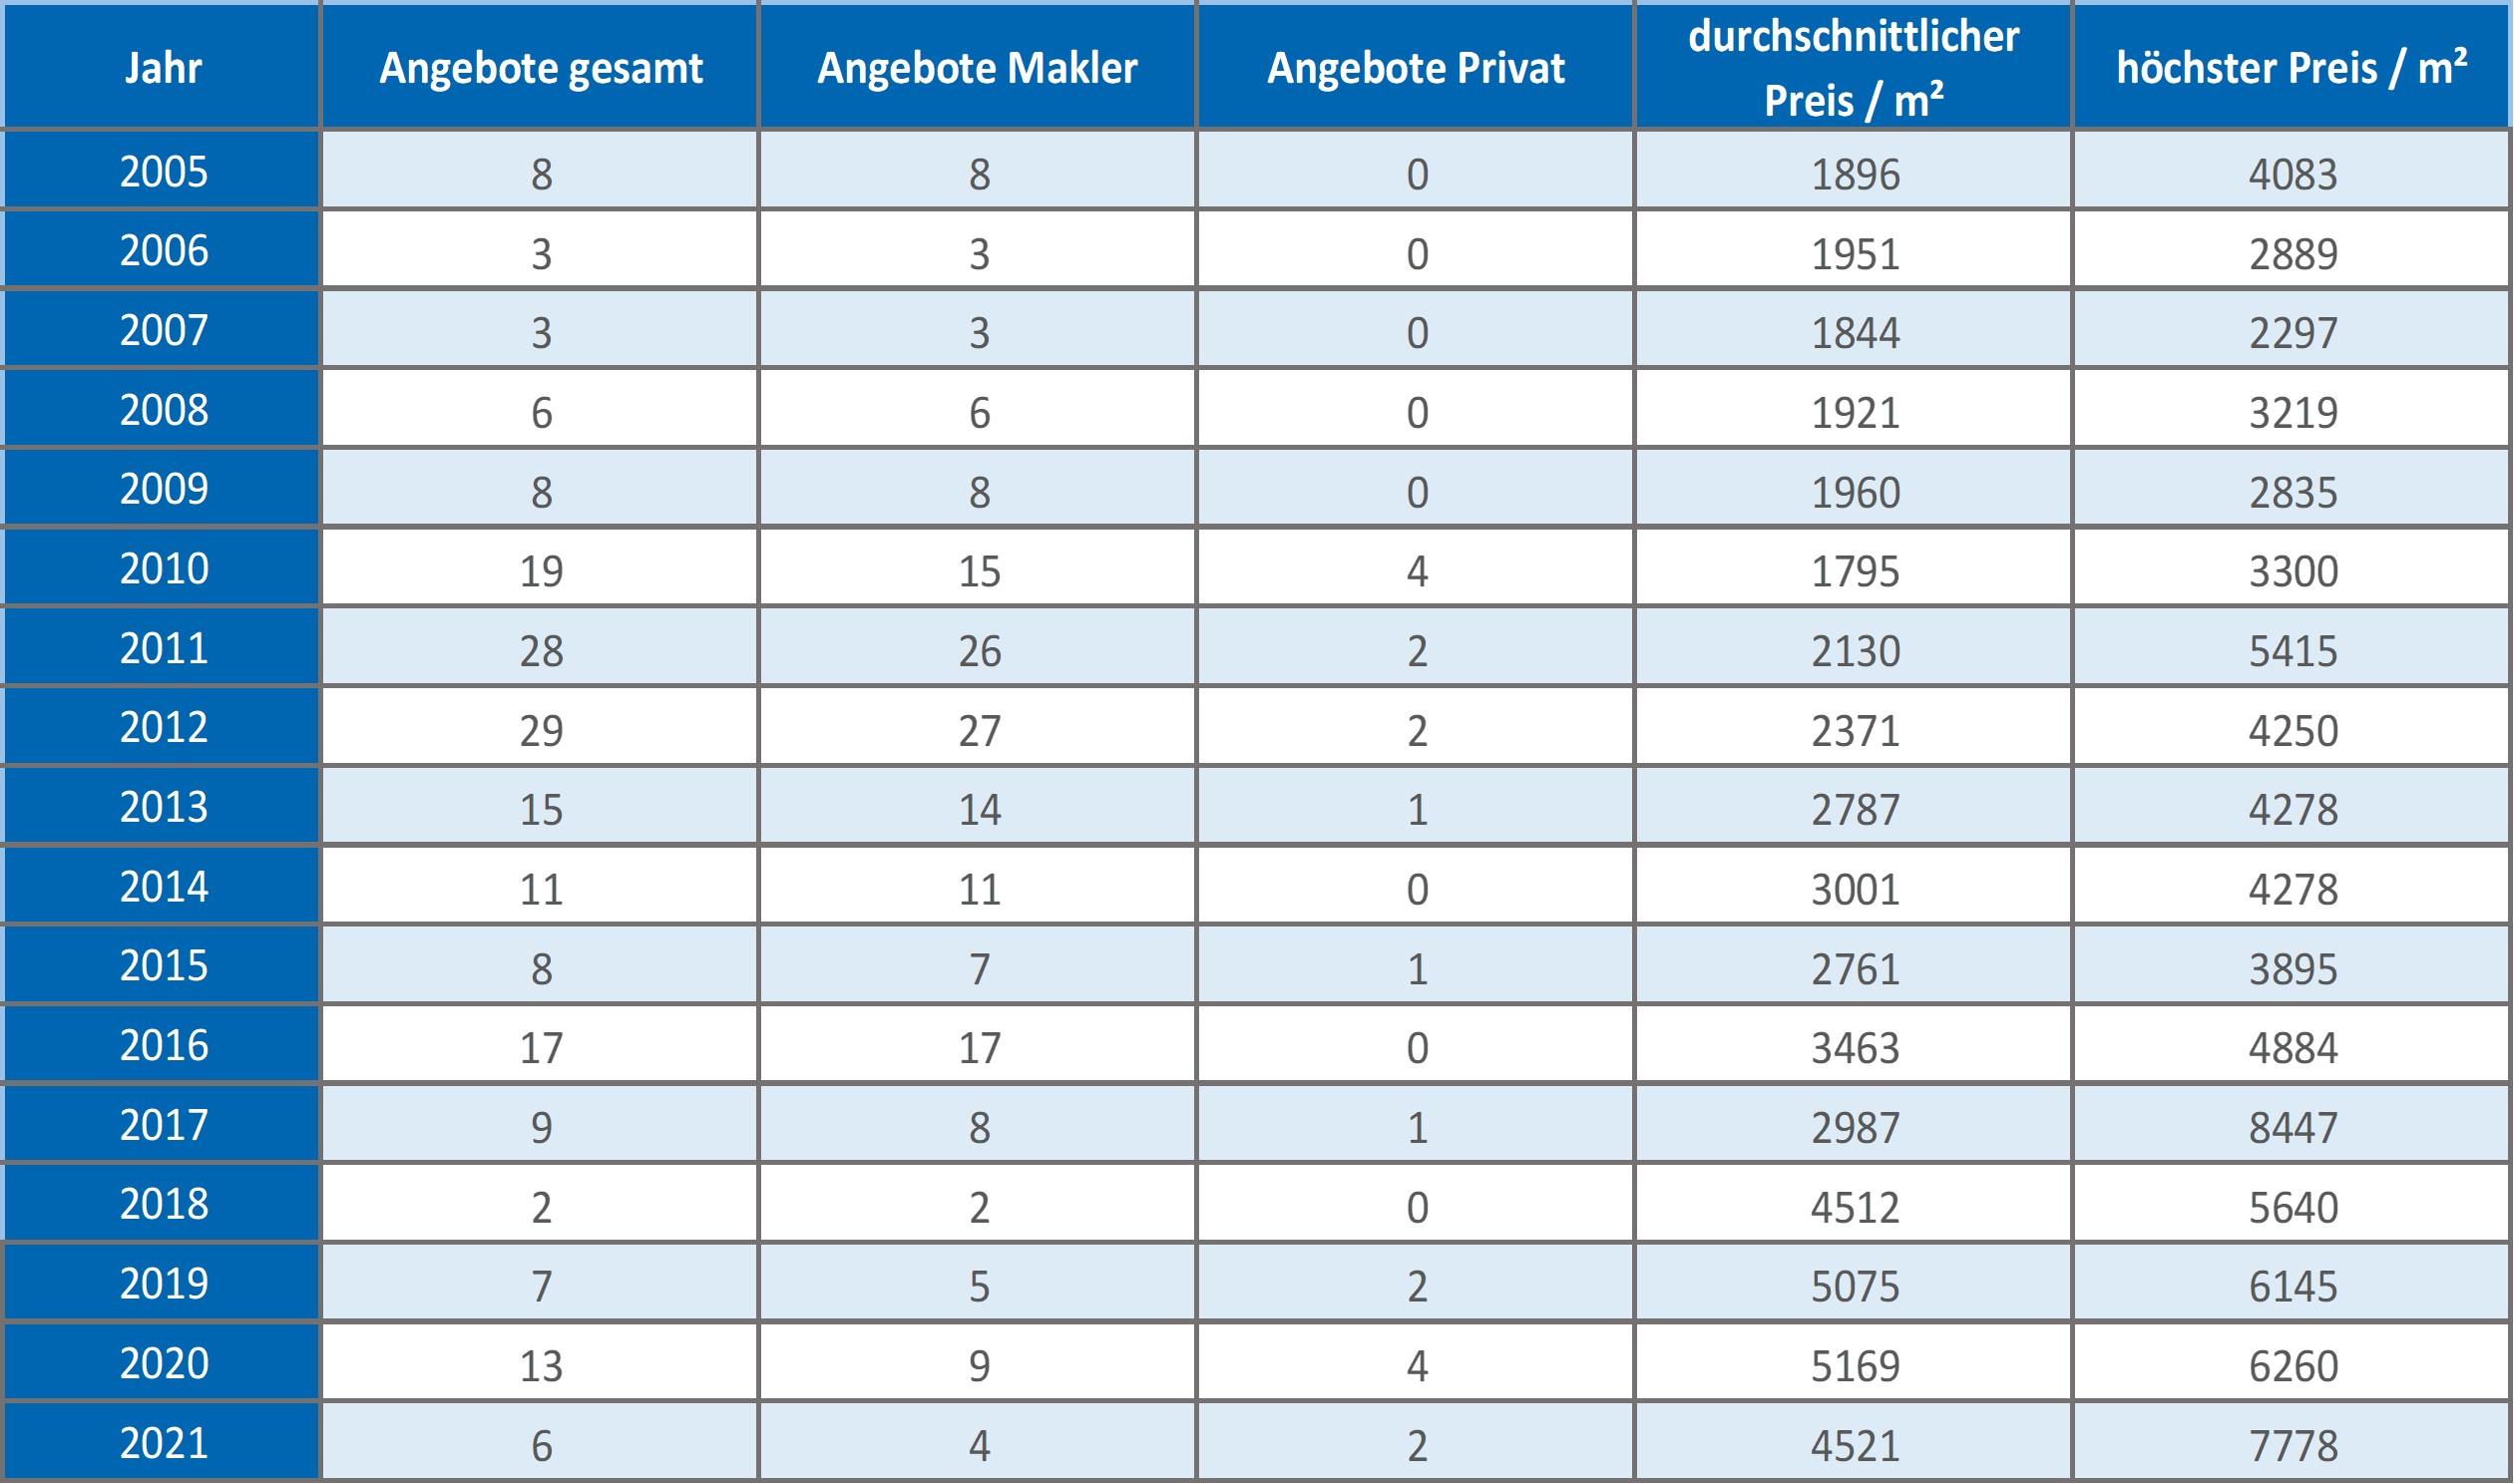 Bad Aibling Makler Mehrfamilienhaus Kaufen Verkaufen Preis Bewertung 2019, 2020, 2021